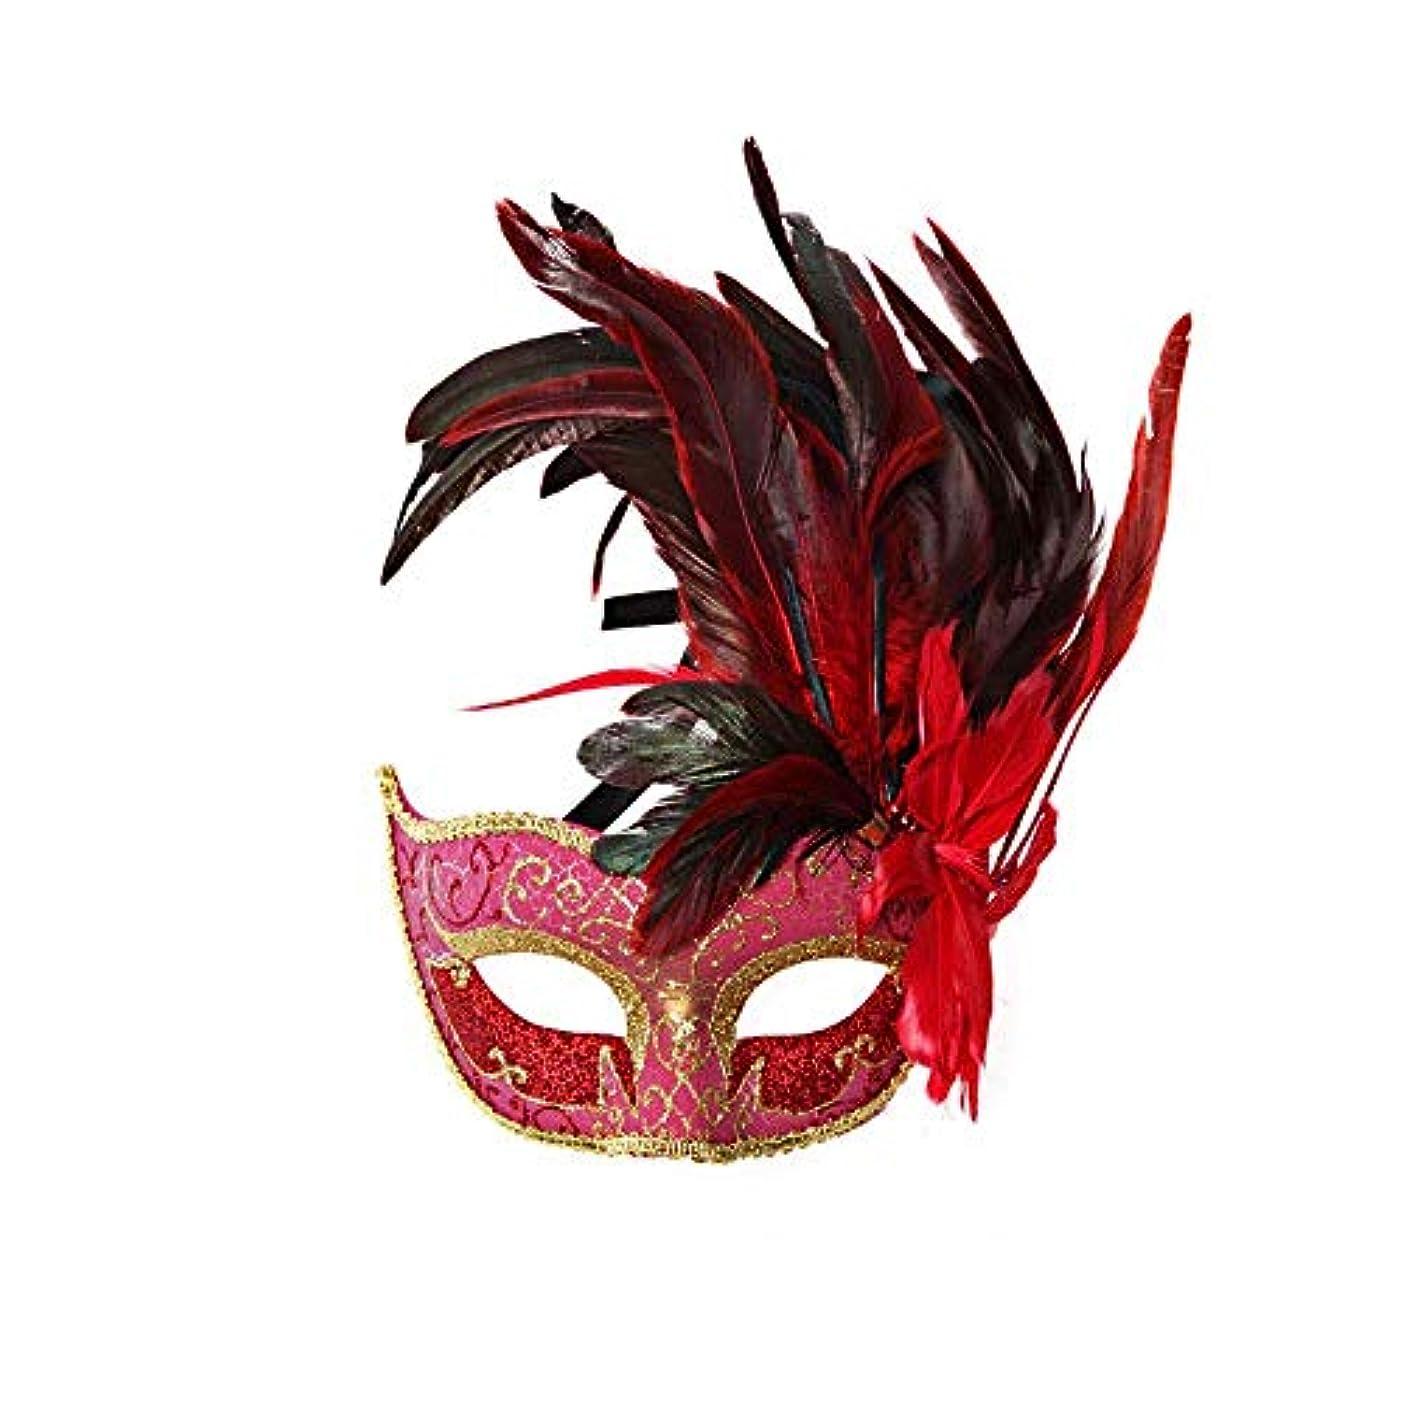 病気の海洋の精度Nanle ハロウィンマスクハーフフェザーマスクベニスプリンセスマスク美容レース仮面ライダーコスプレ (色 : Style A red)